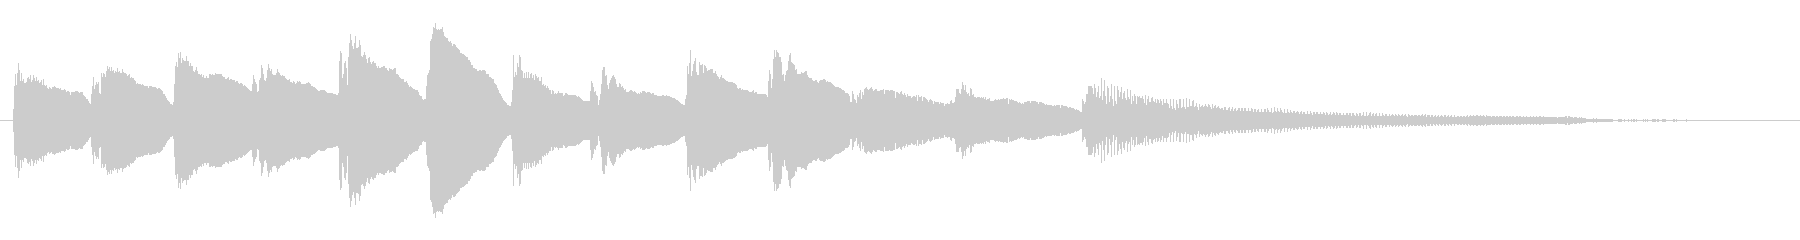 短いピアノサウンドロゴ_ジングル4秒の未再生の波形